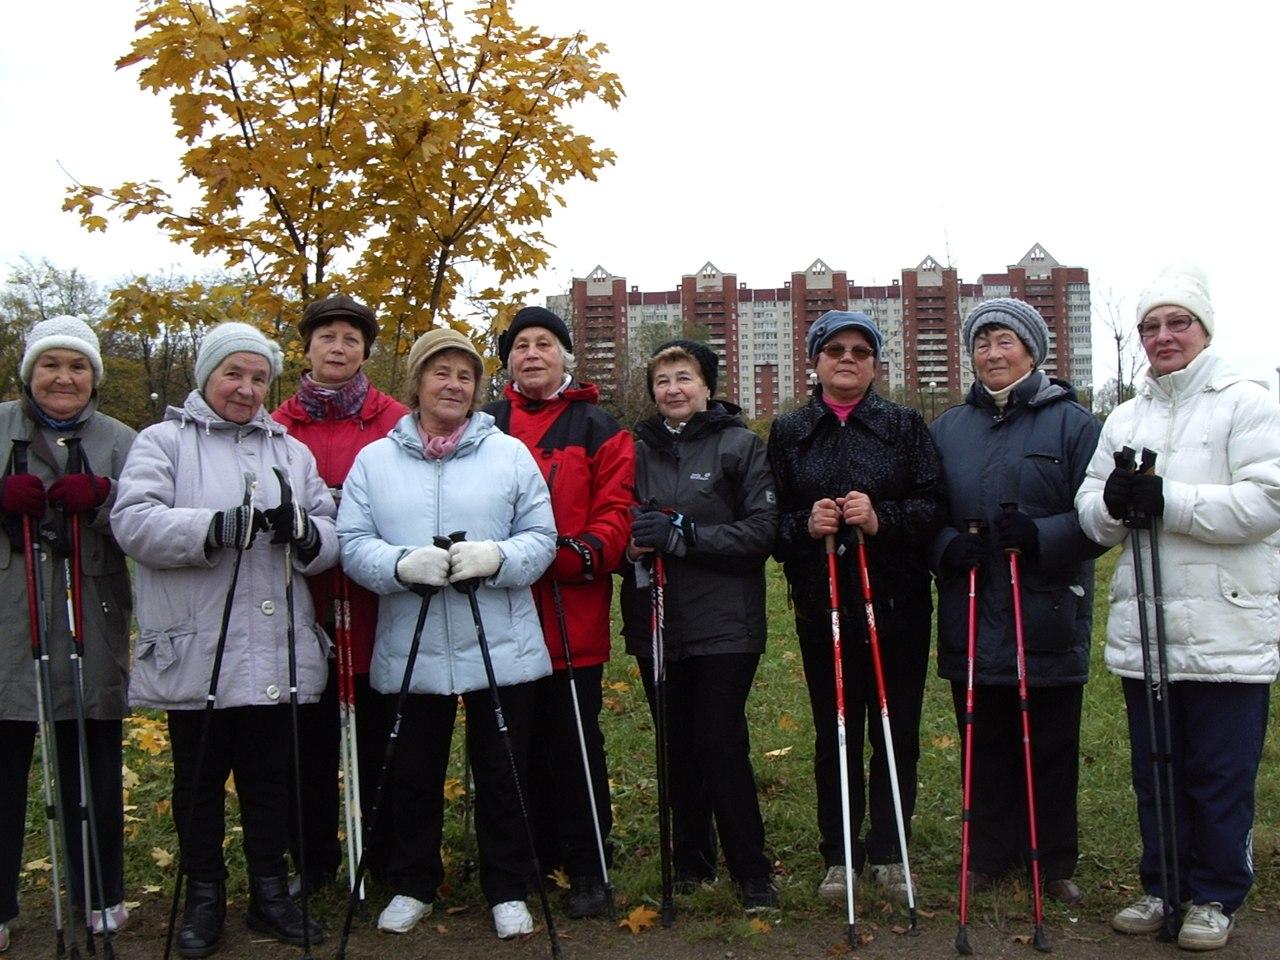 Яблоневый сад 16 октября 2016 года. Группа Скандинавской ходьбы «Возрождение»